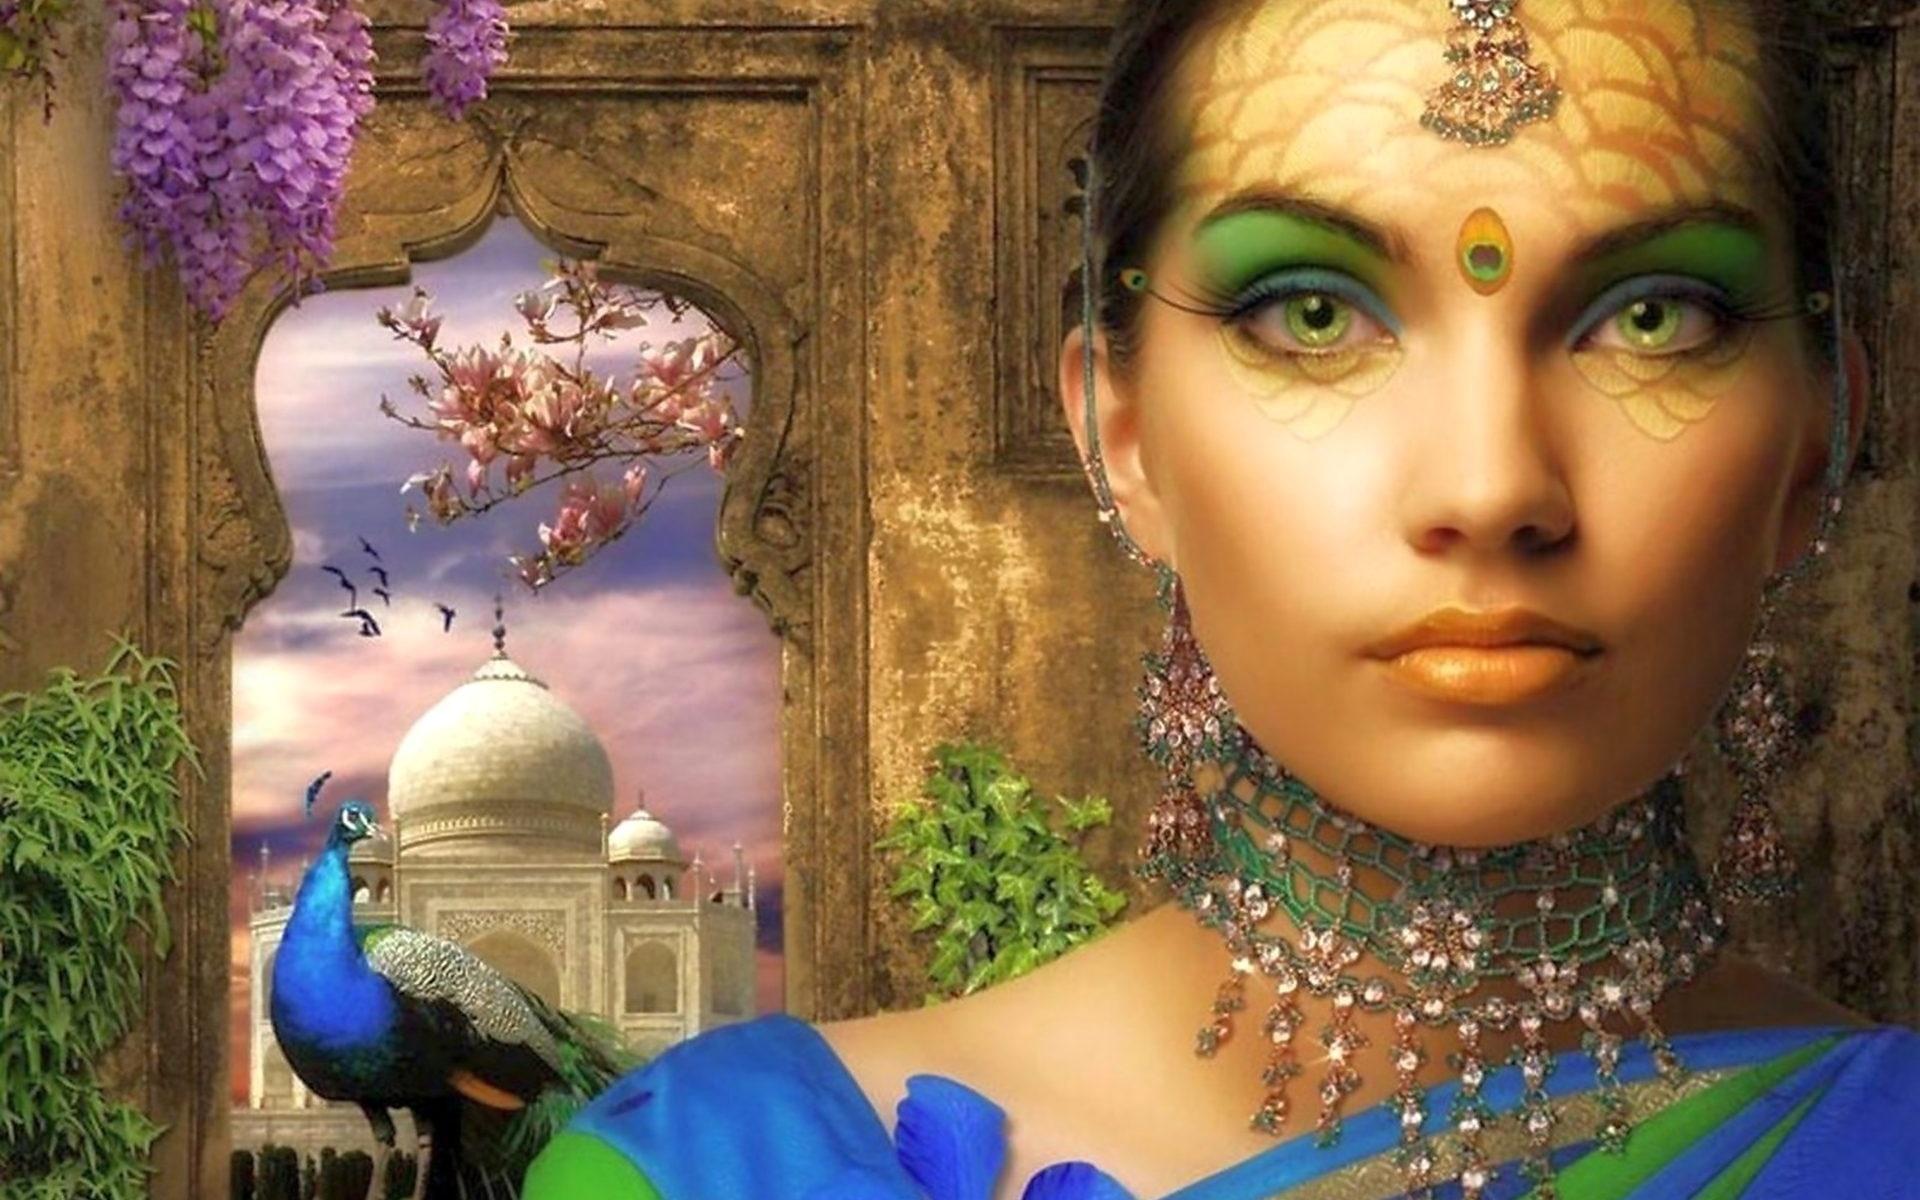 девушка, украшения, павлин, окно, тадж-махал, цветы, индия